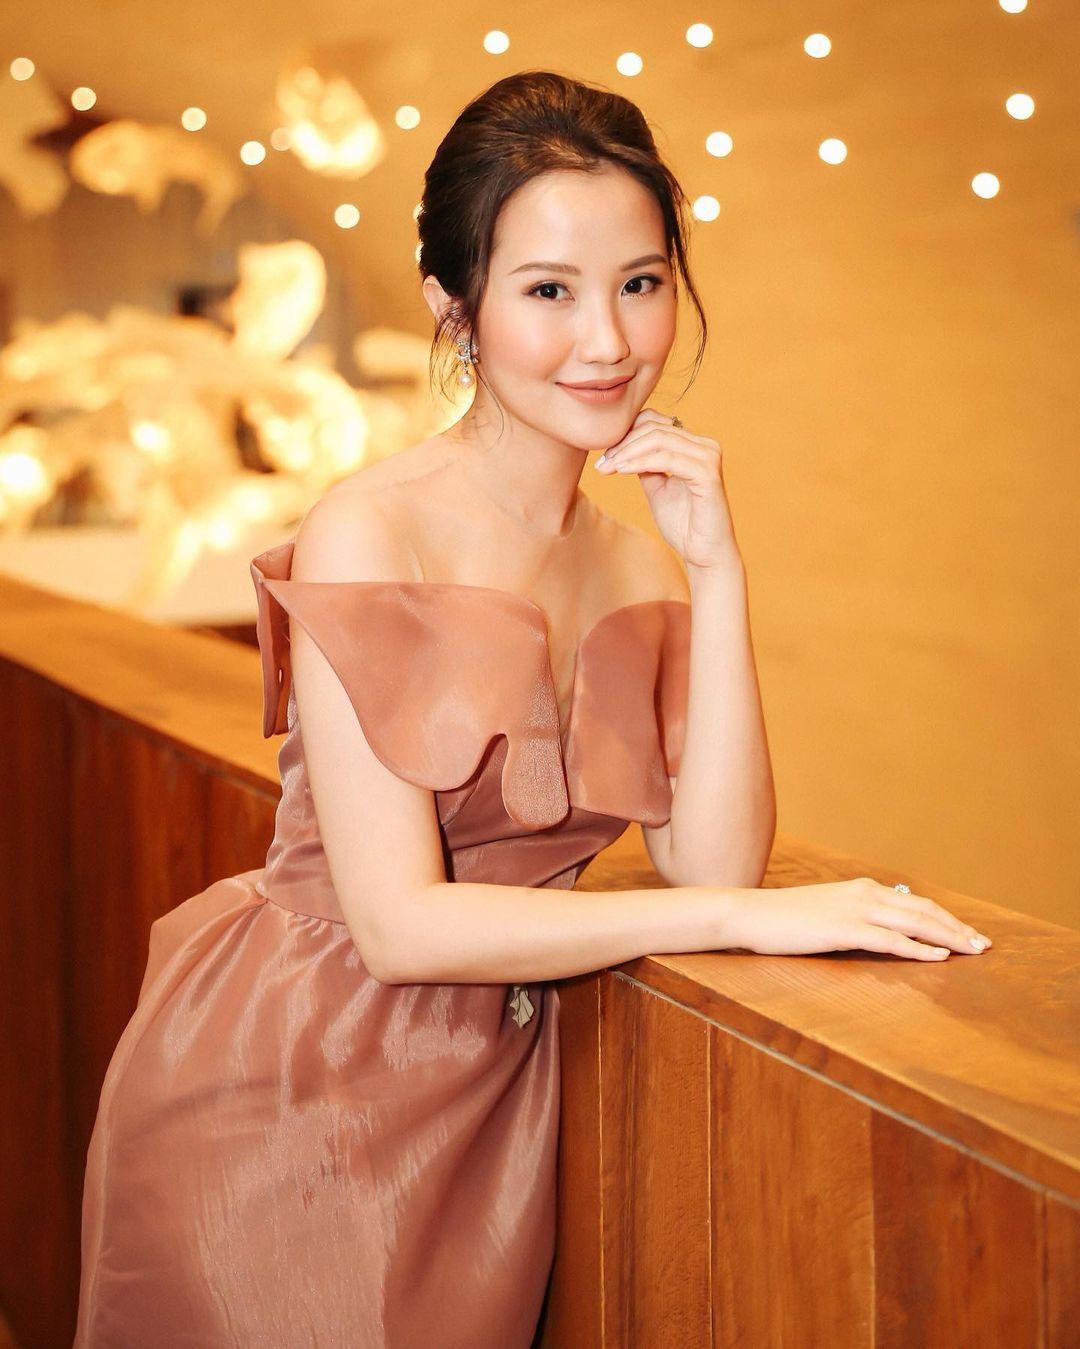 Ở các sự kiện thời trang, làm đẹp, Primmy Trương luôn được đánh giá cao vì phong thái nhẹ nhàng, thanh cao. Cô vẫn trung thành cùng tiêu chí đơn giản mà sang giống như phong cách đời thường.